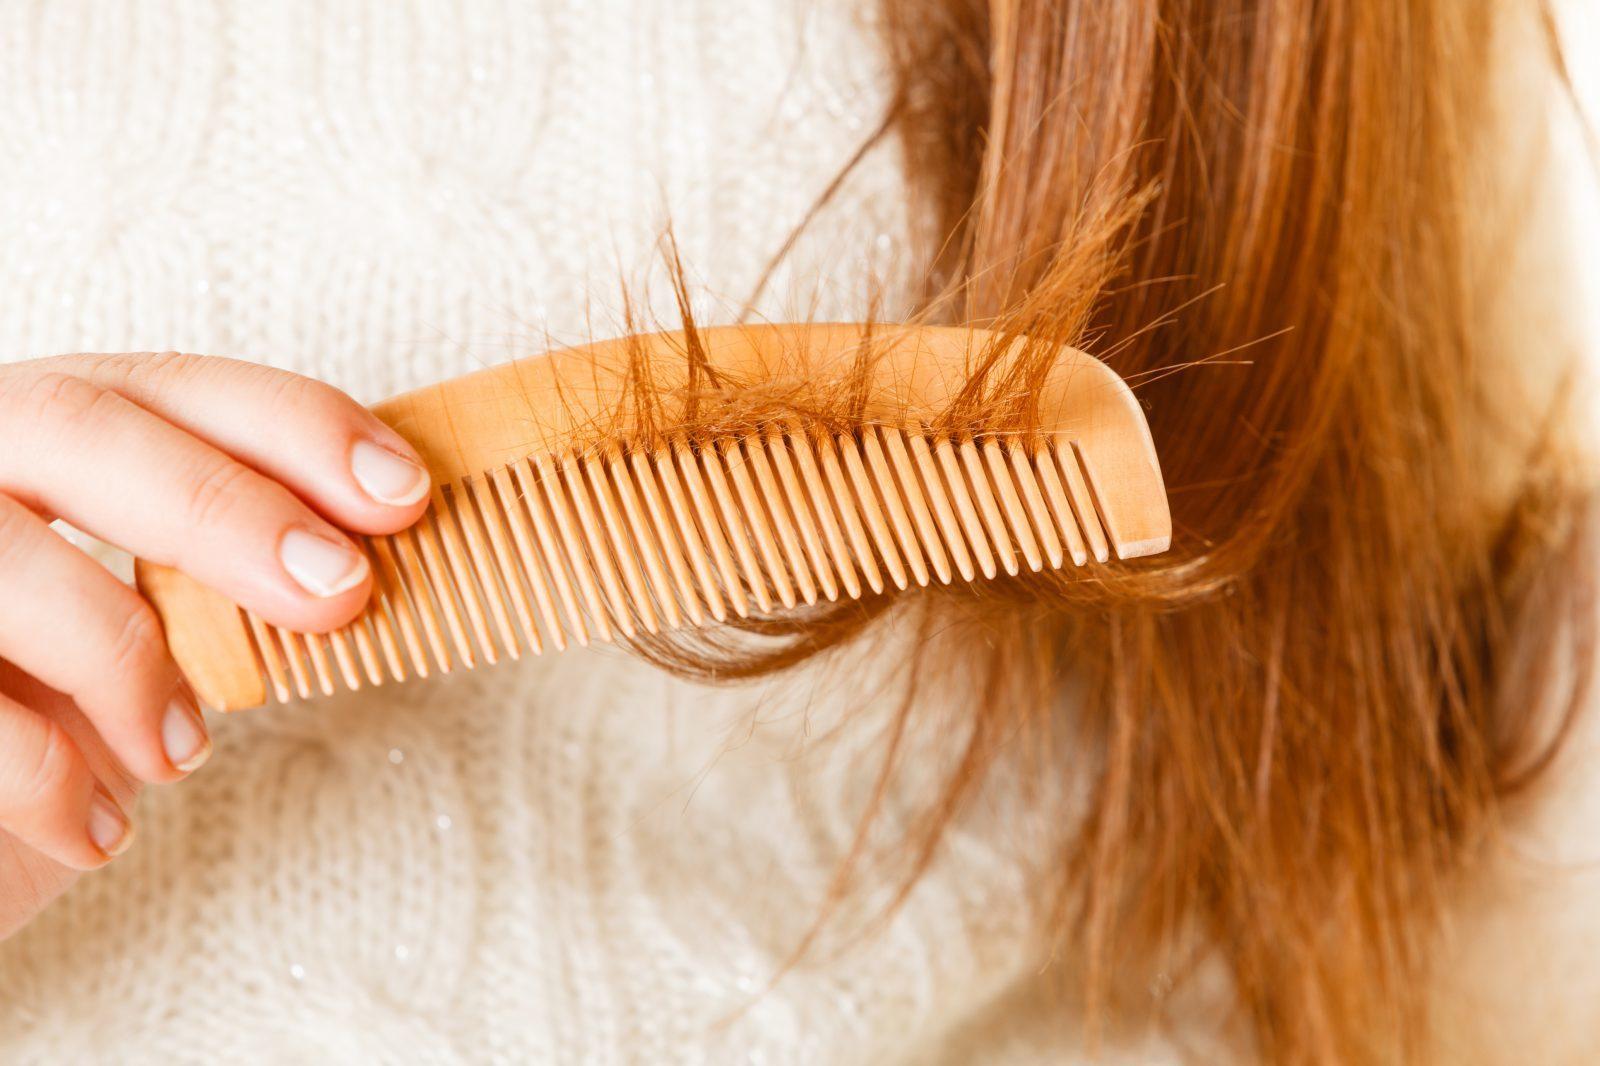 nguyên nhân rụng tóc,Rụng tóc